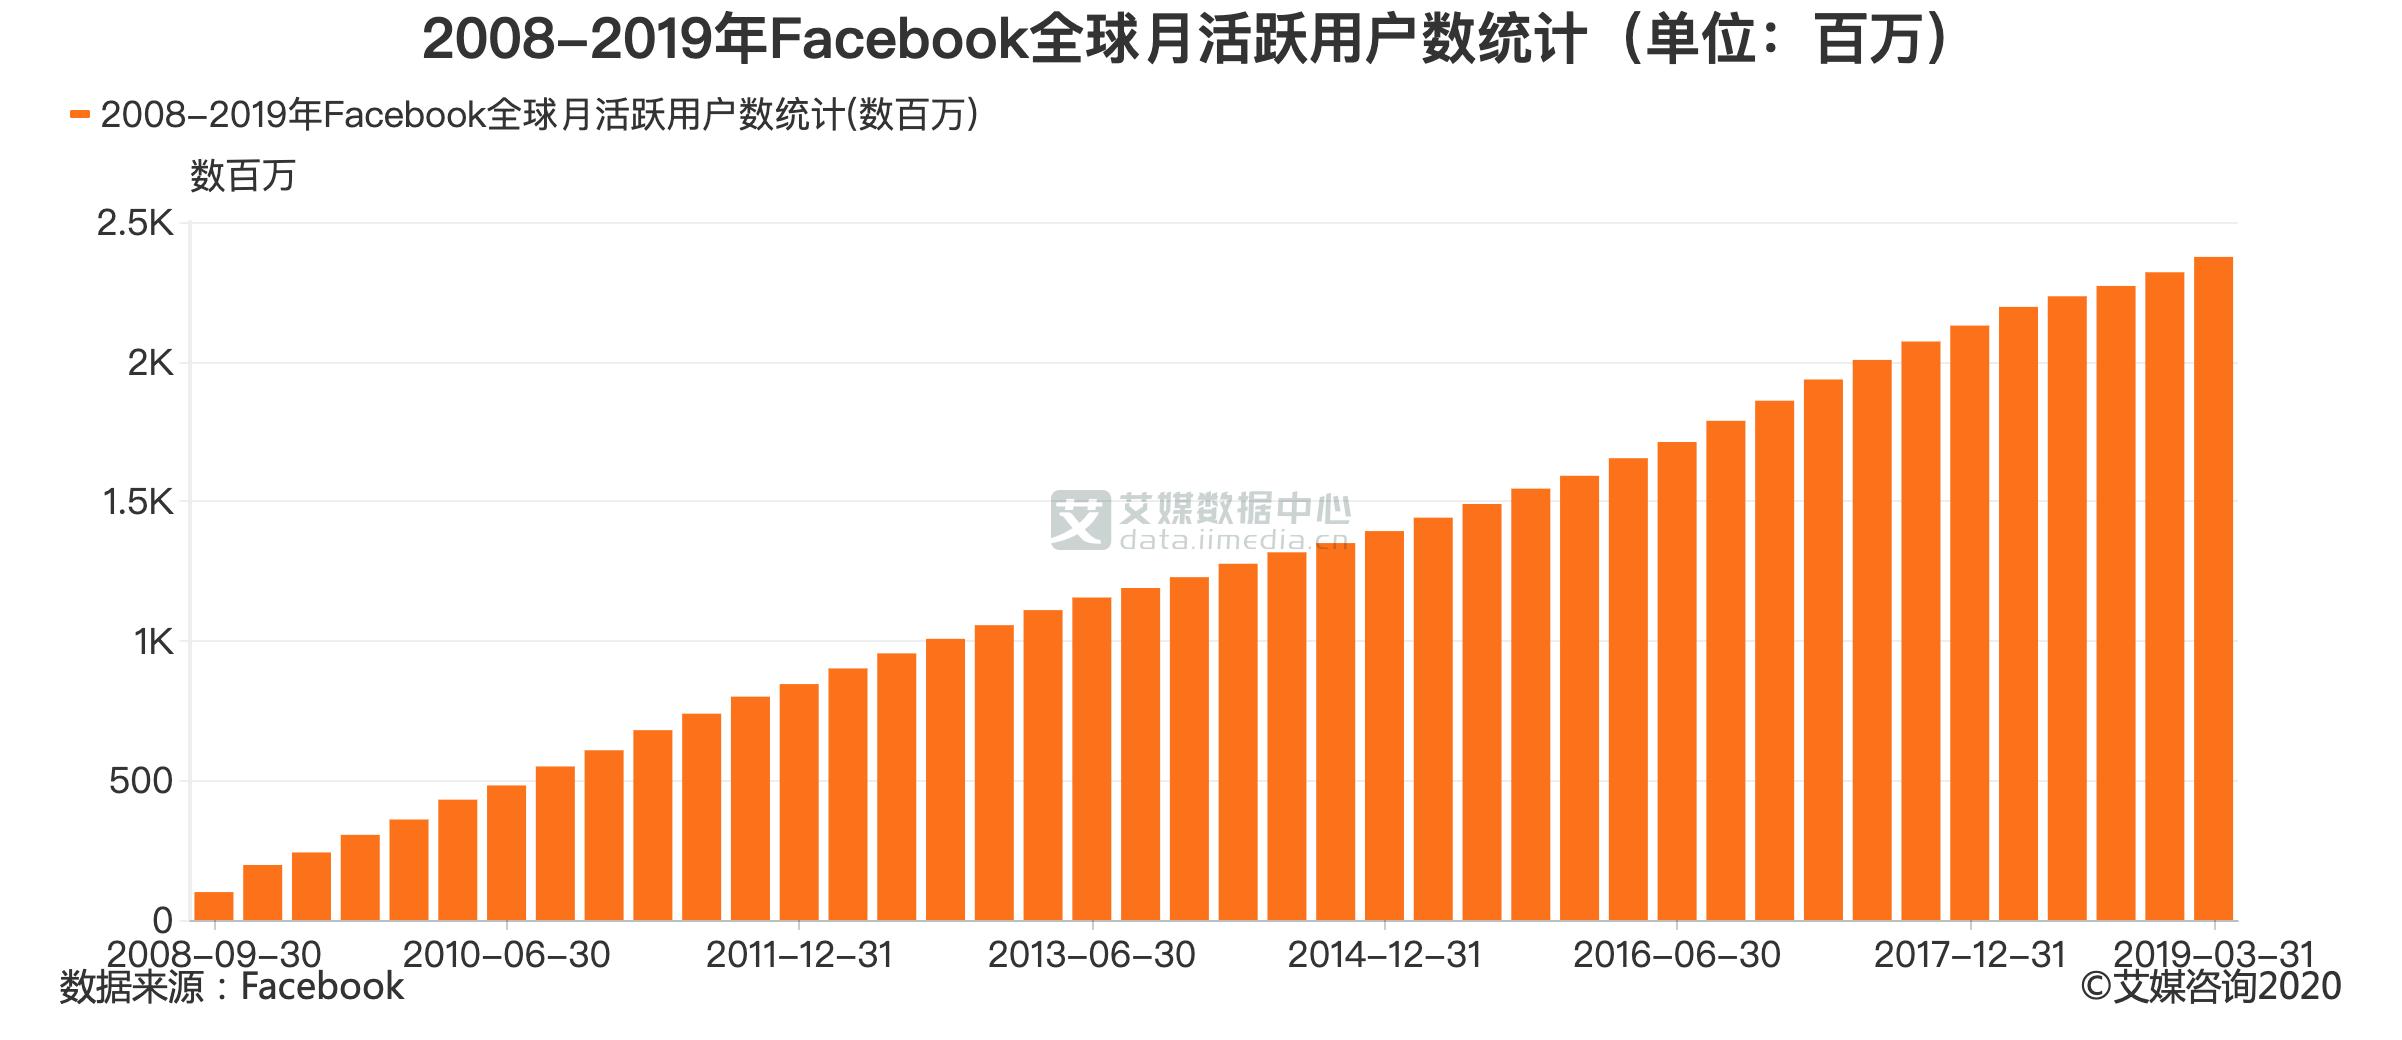 2008-2019年Facebook全球月活跃用户数统计(单位:百万)